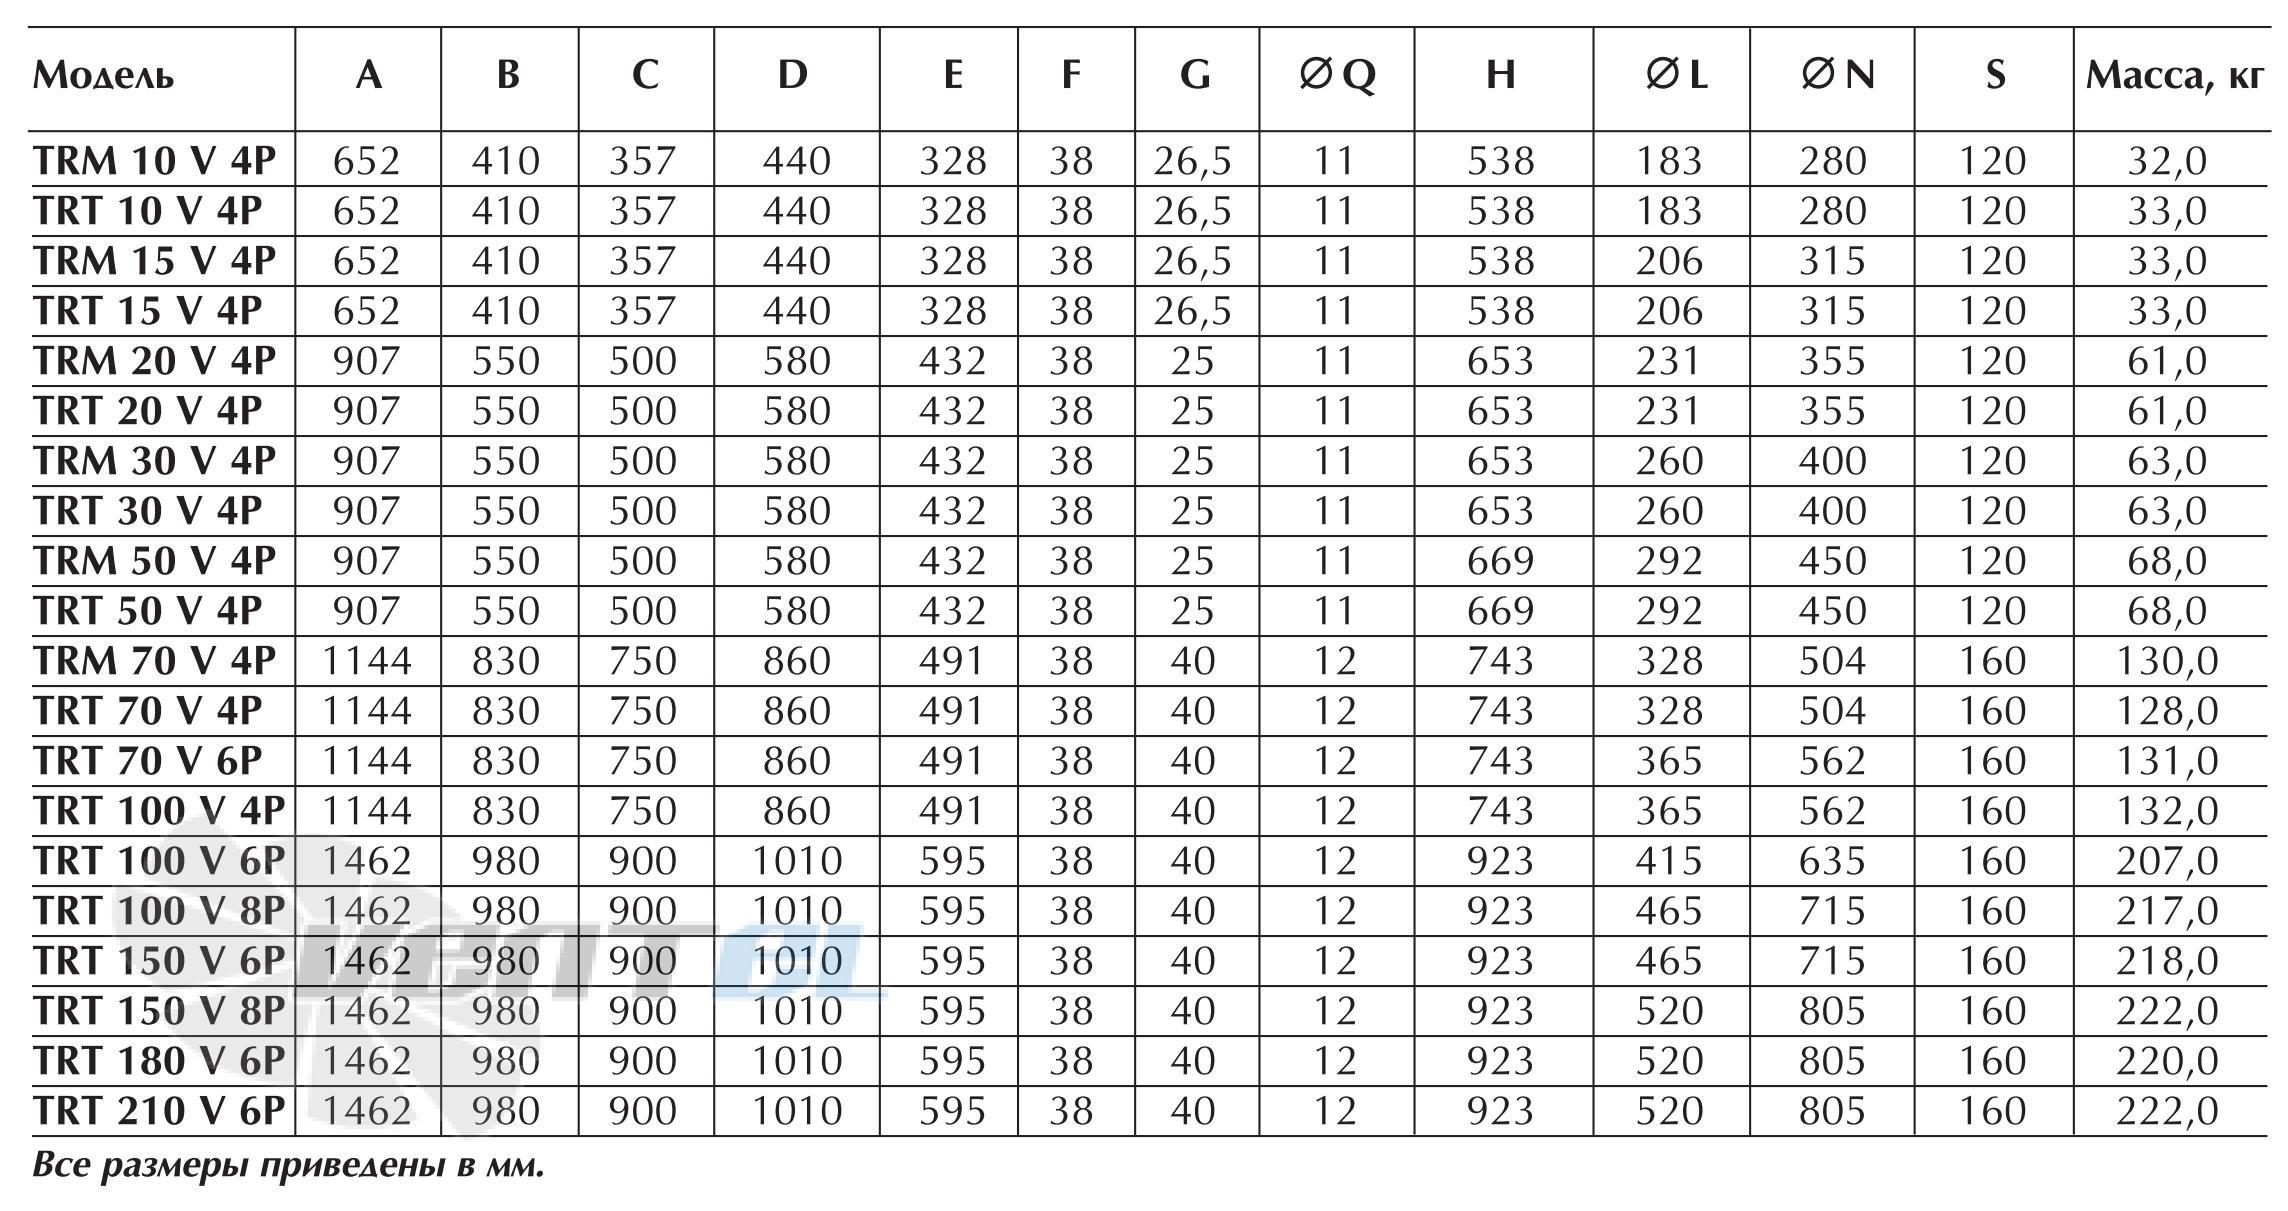 Сводная таблица размеров